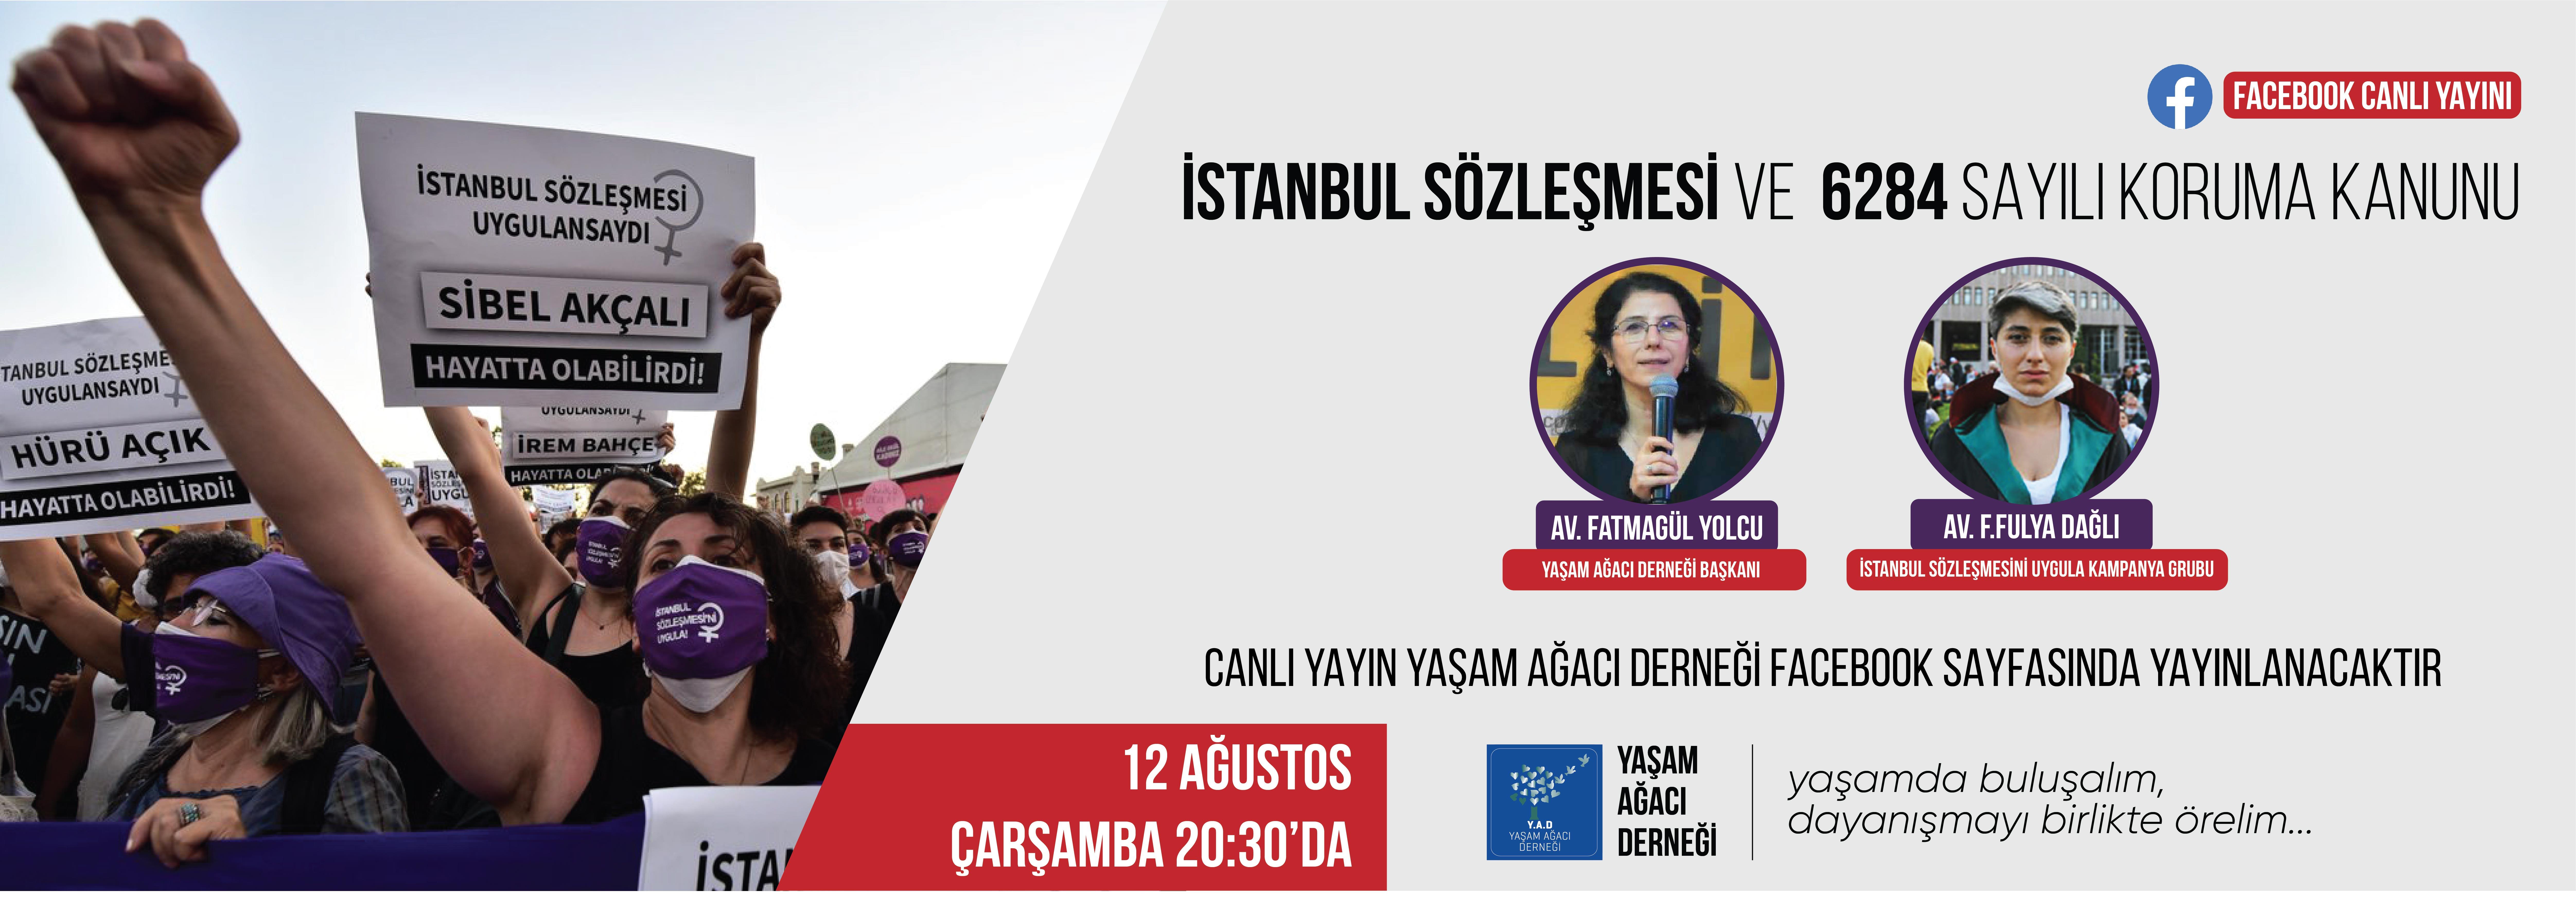 İstanbul Sözleşmesi ve 6284 Koruma Konunu Üzerine Canlı Yayın